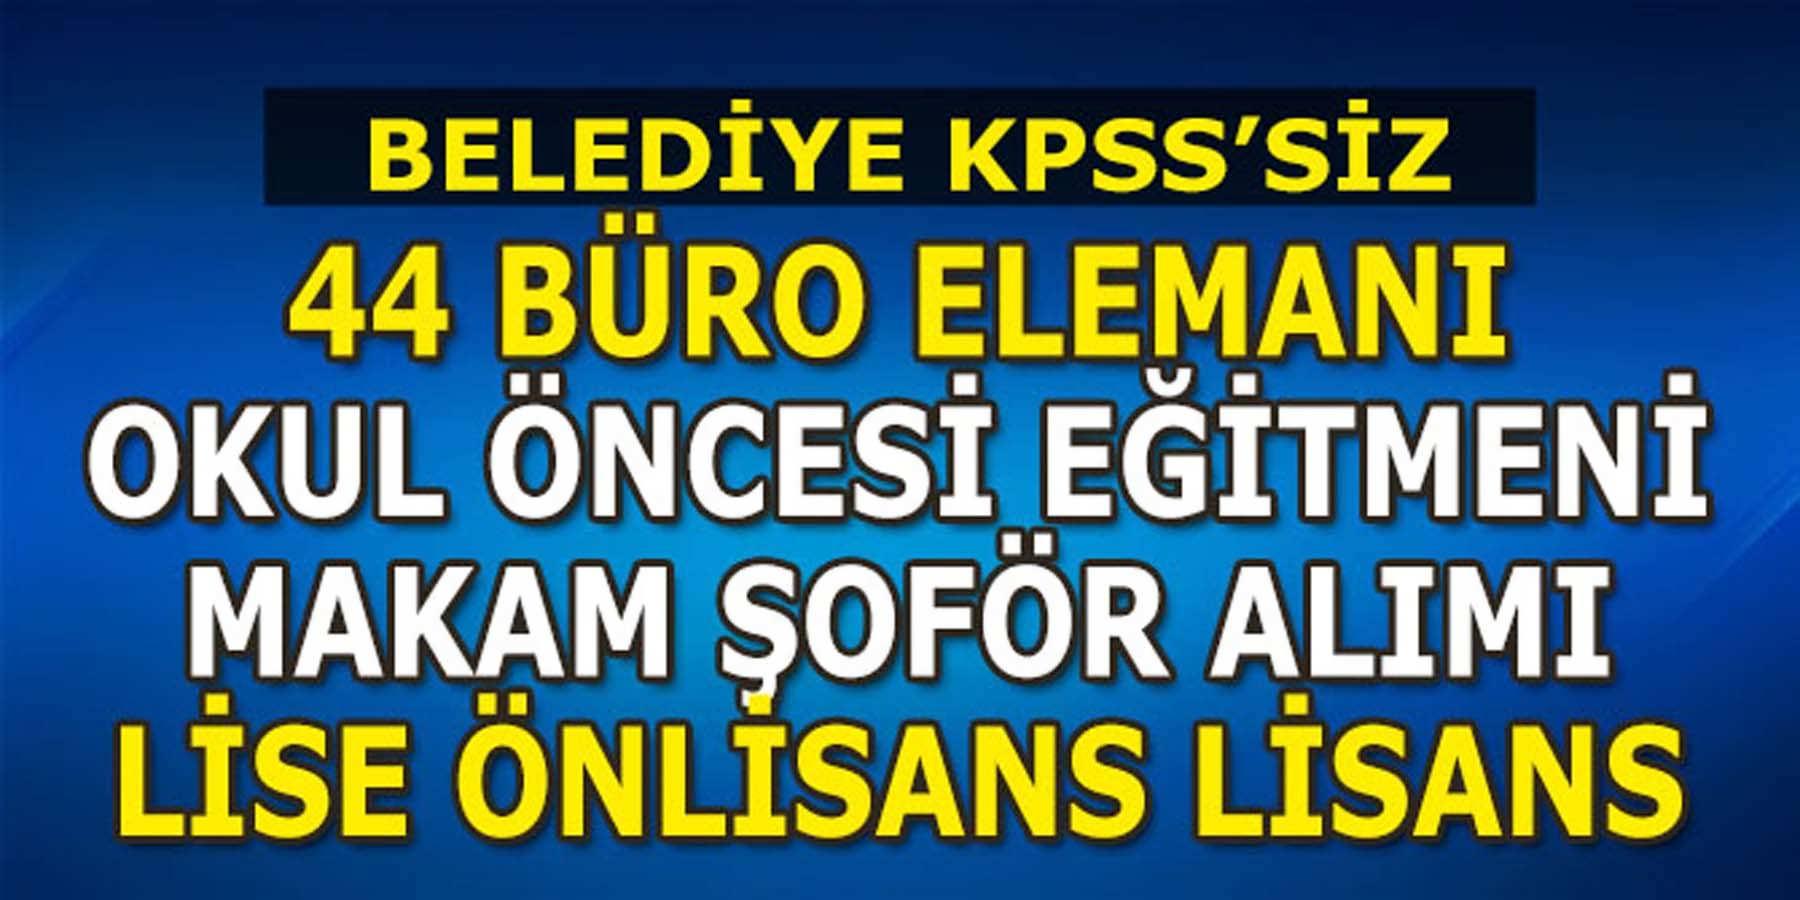 KPSS'SİZ 44 Belediye Büro Elemanı Ve Makam Şoför Alımı